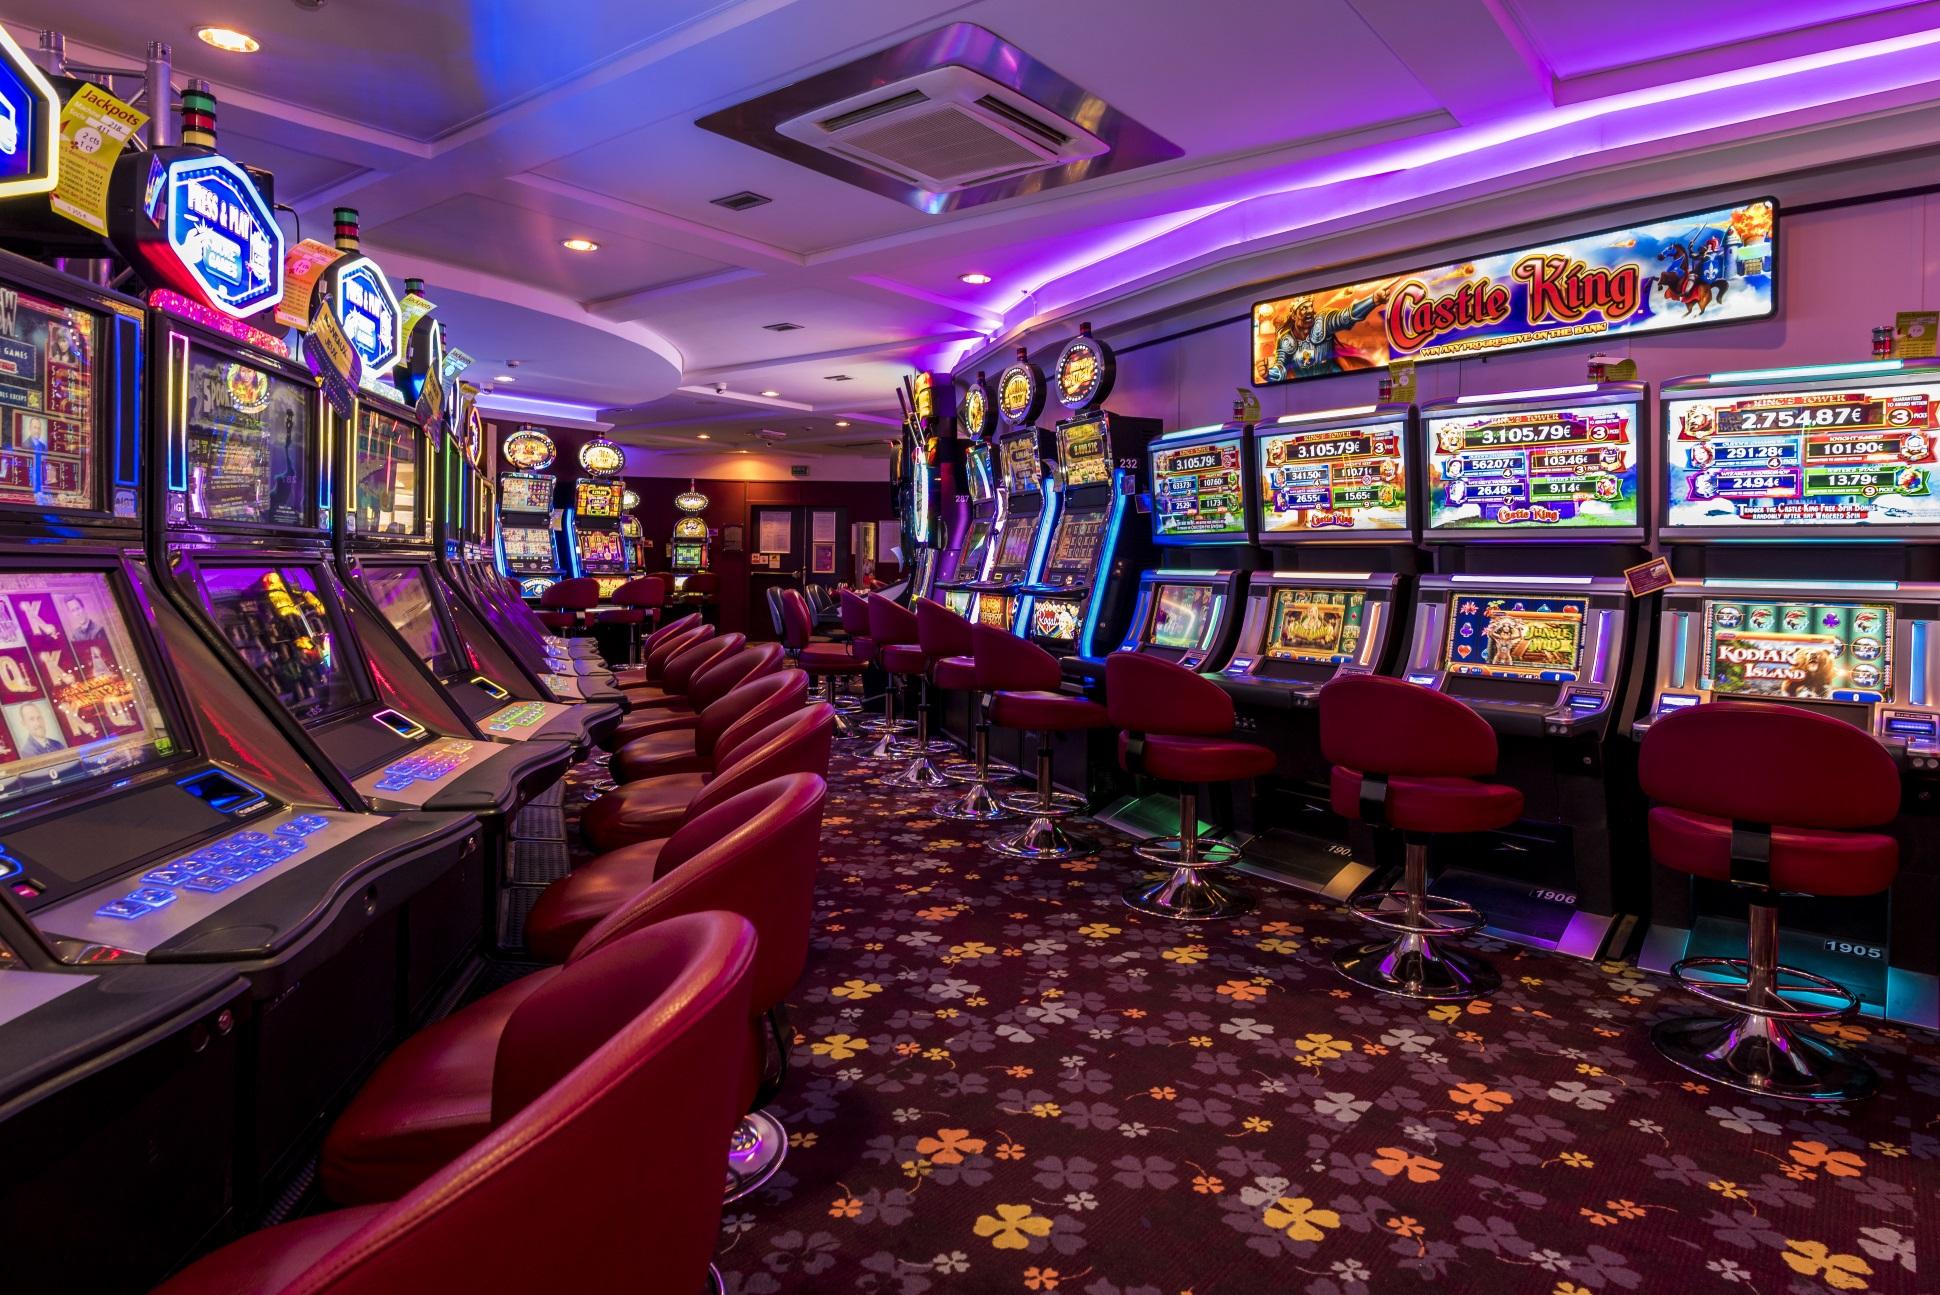 Having Fun while Gambling Remotely